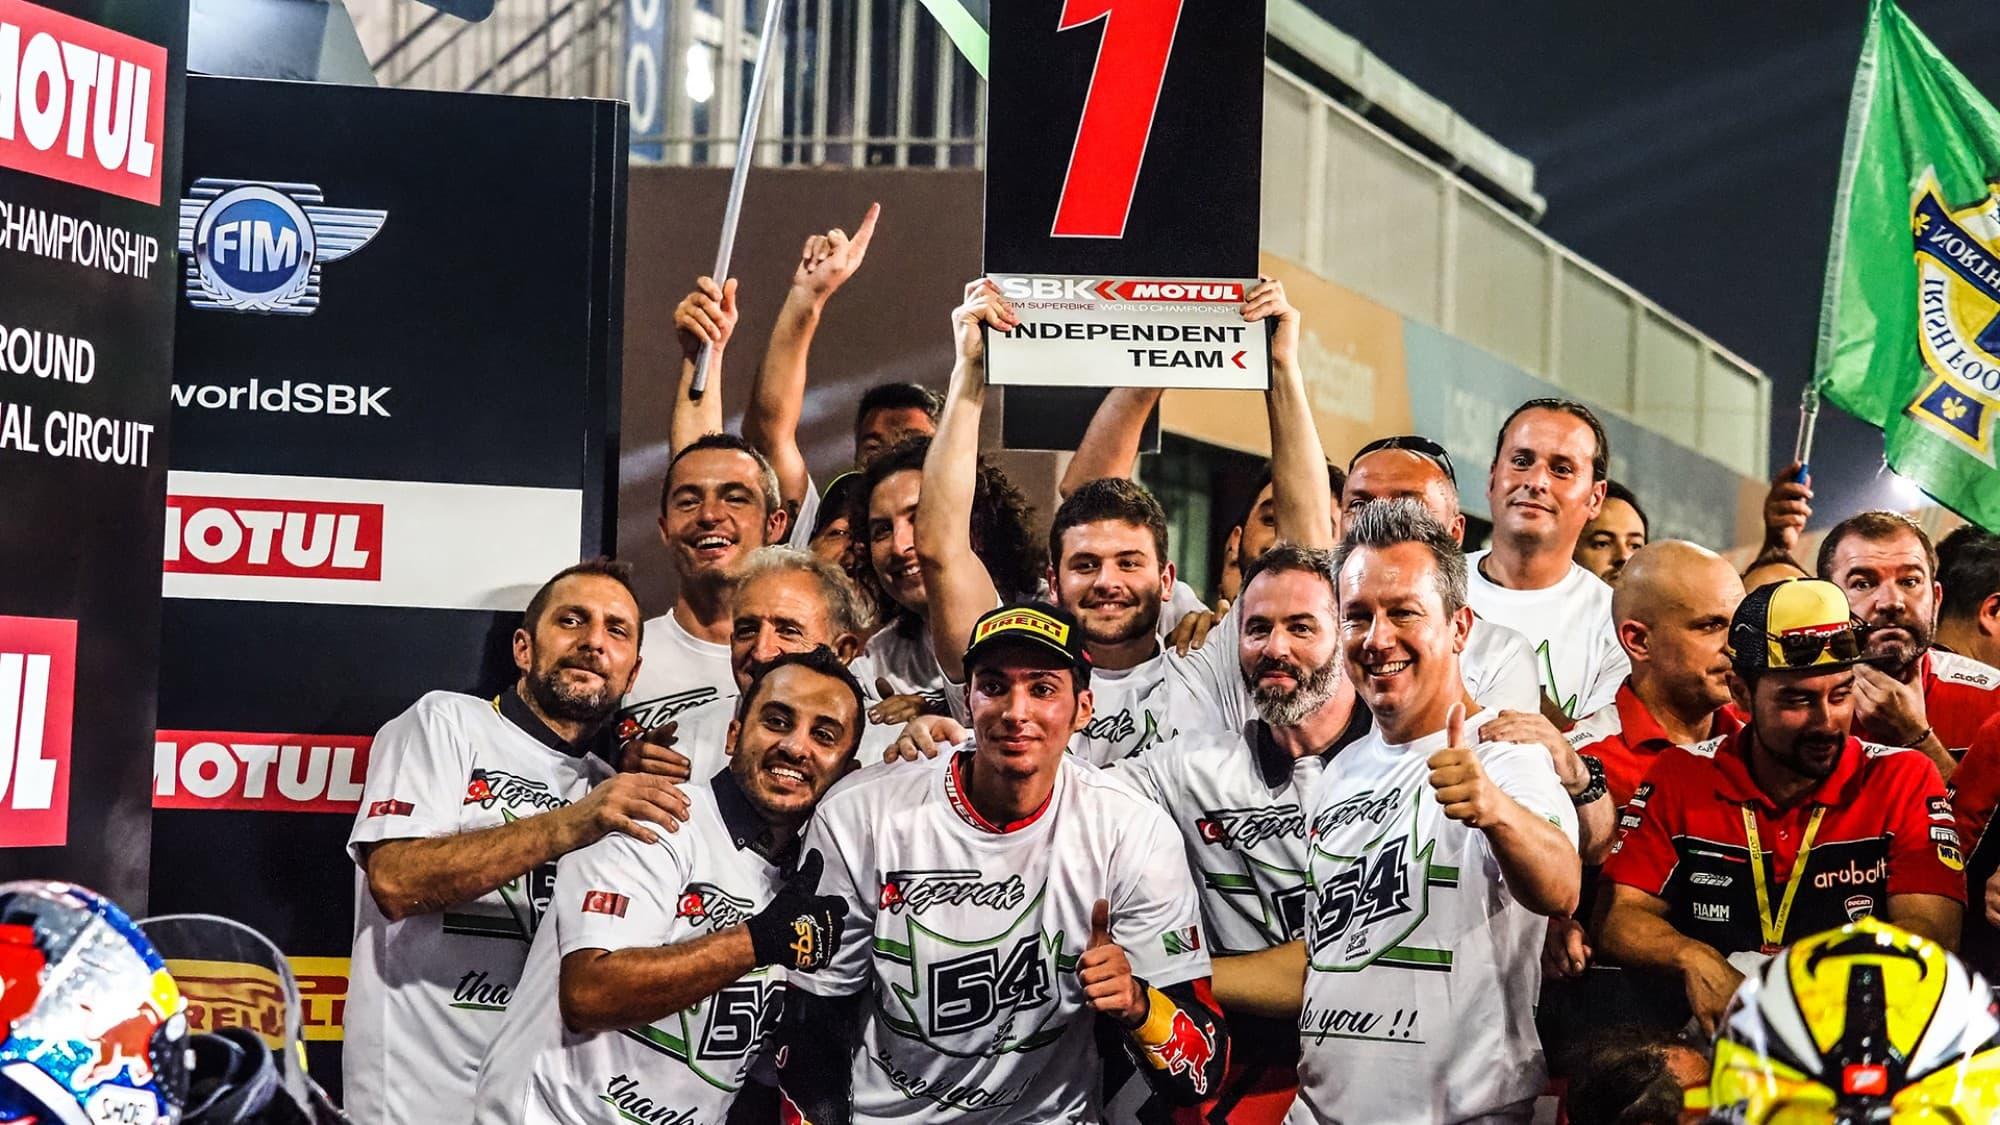 SBK最終戦カタール トプラック・ラズガトリオグル「Puccetti Racingとの別れは悲しい」